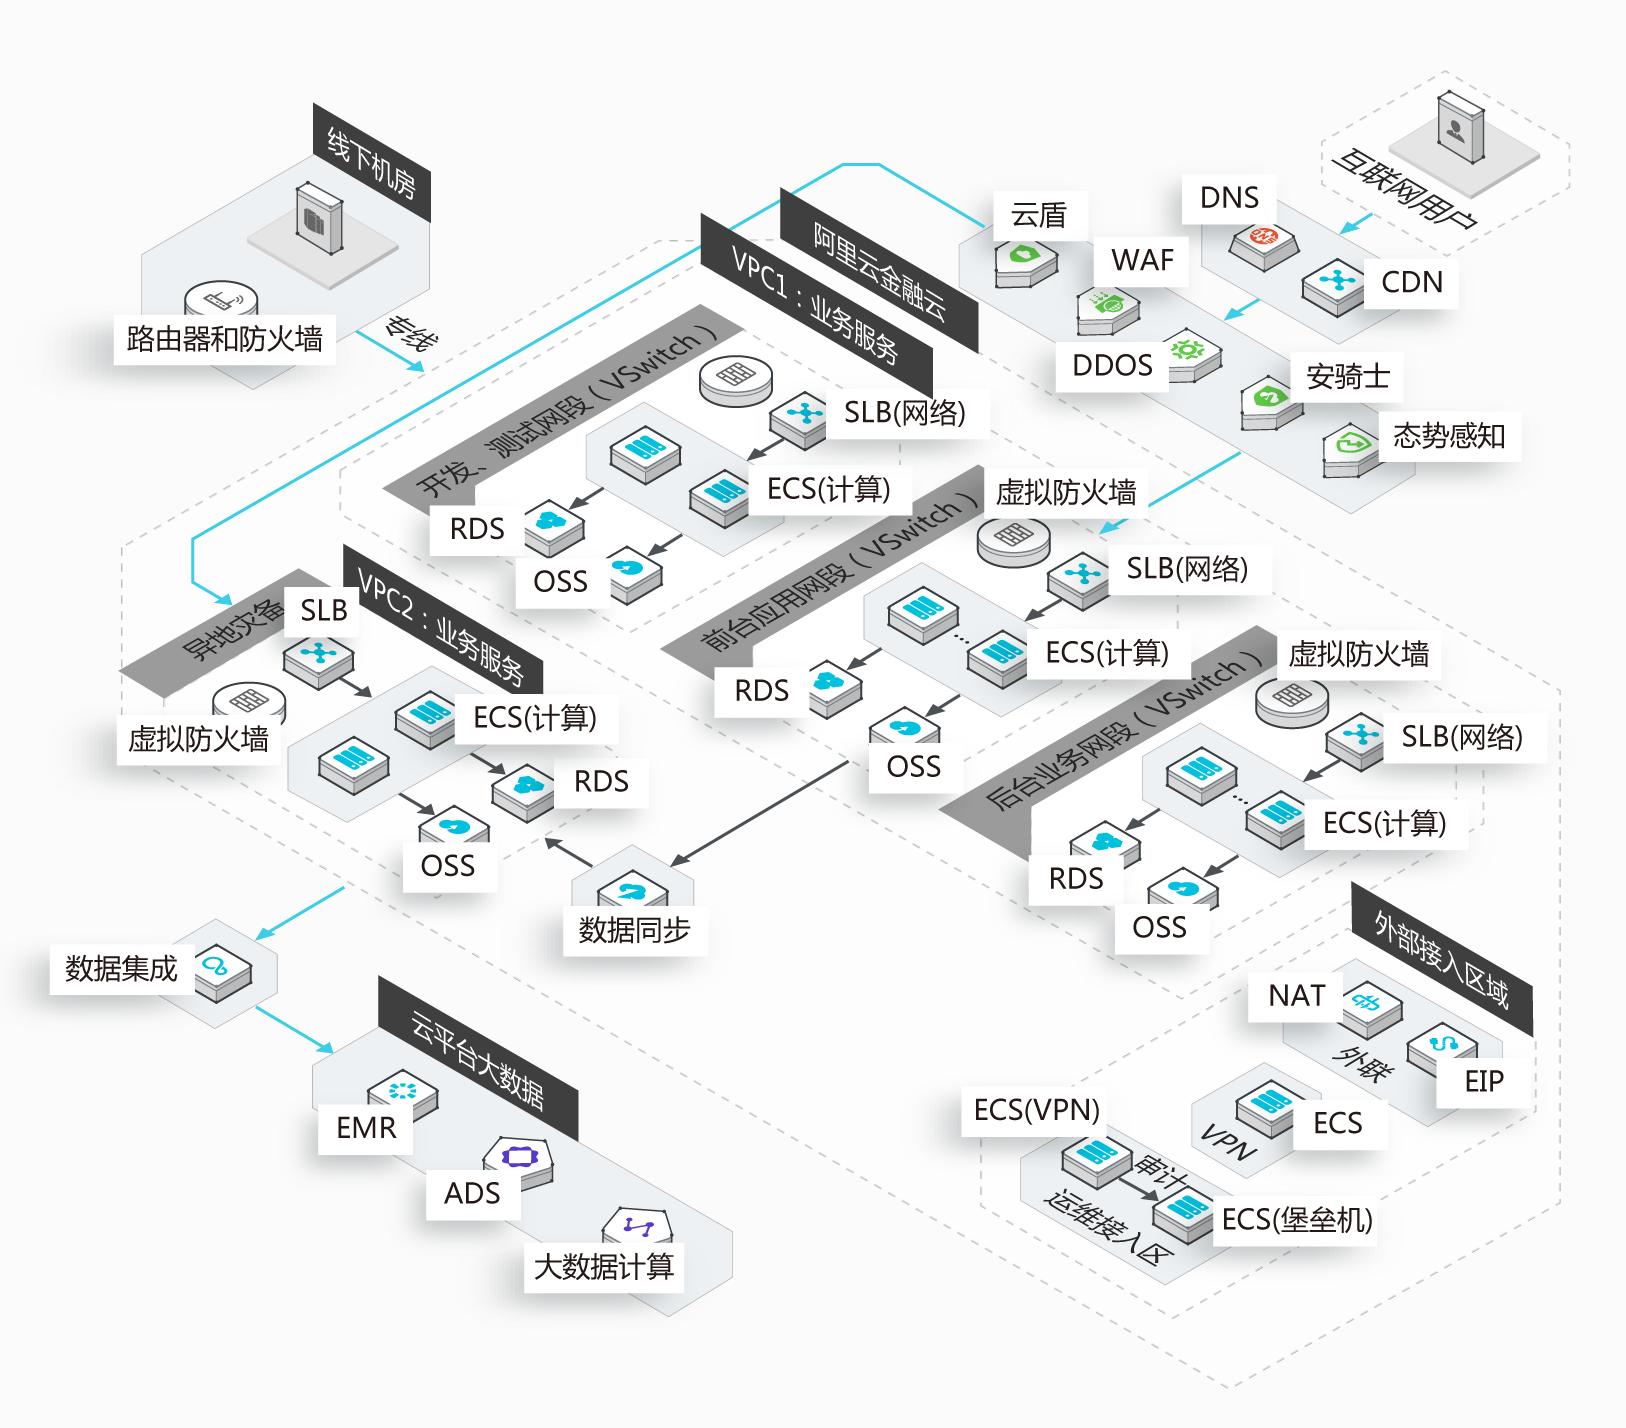 保险公司上云技术架构图